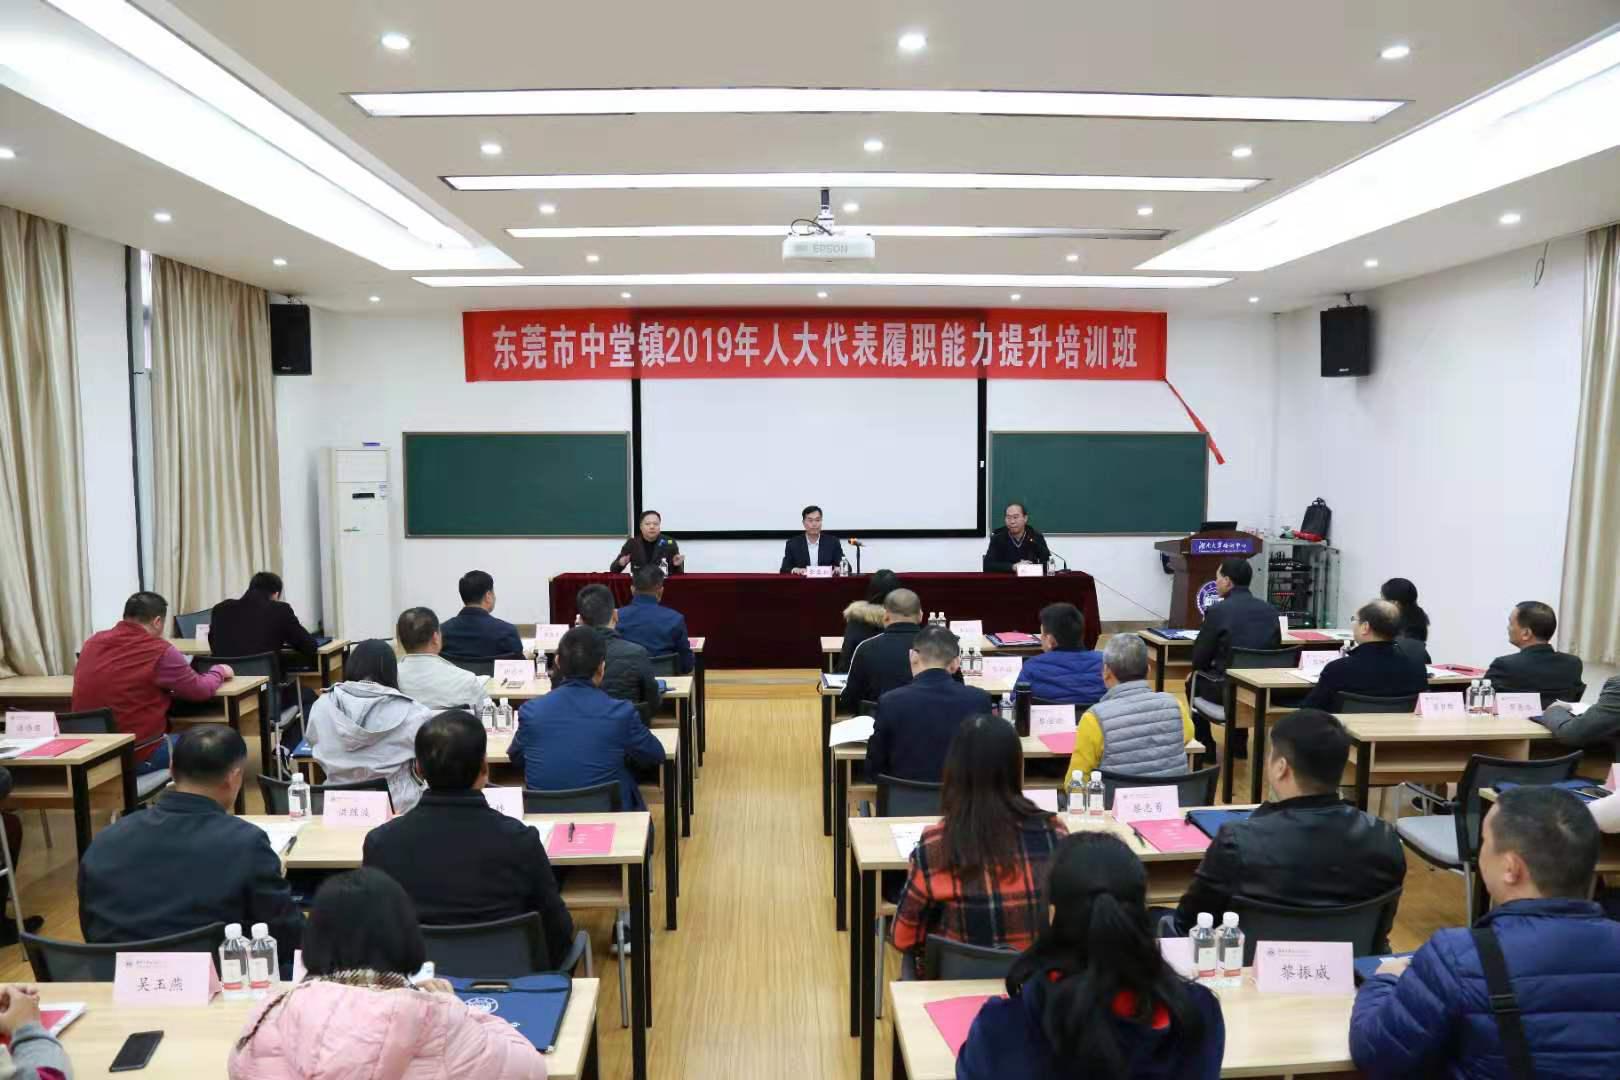 东莞市中堂镇2019年人大代表履职能力提升培训班结业